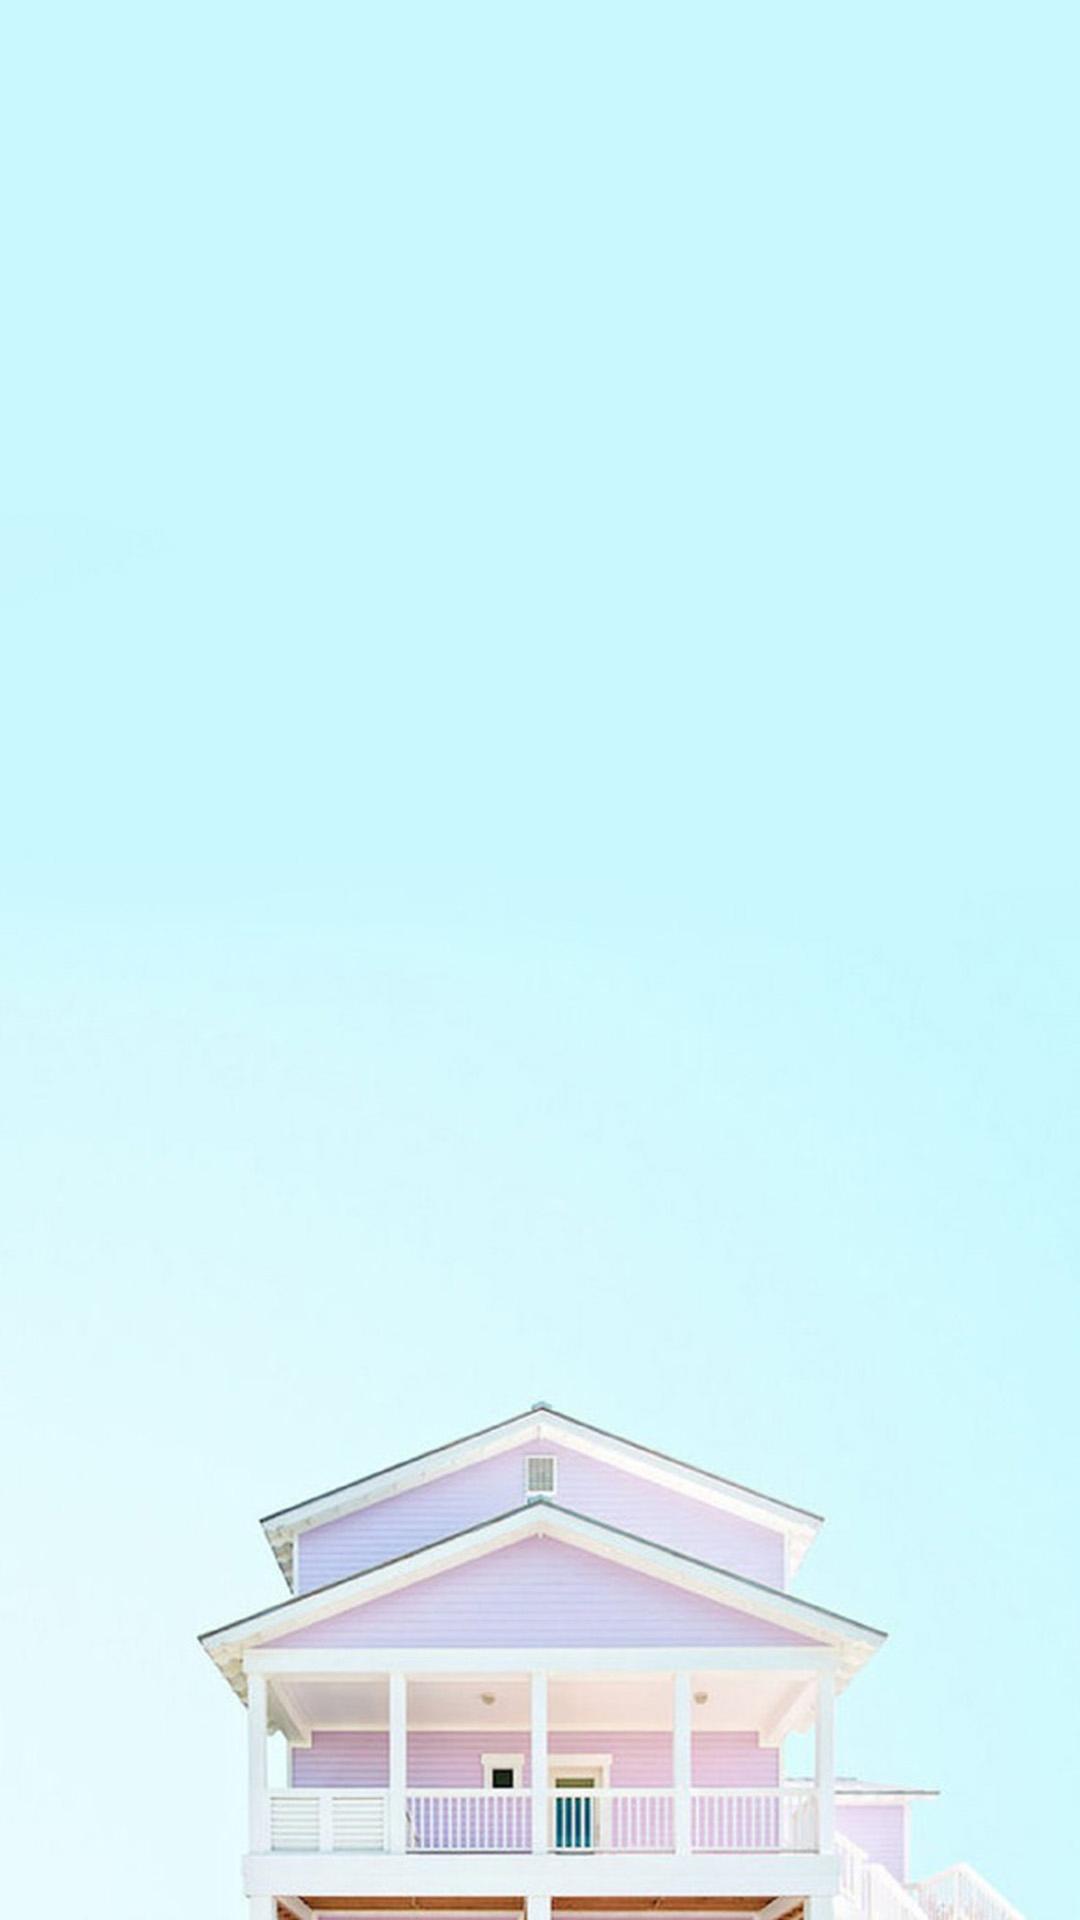 浅蓝色天空小清新小房子苹果手机高清壁纸1080x19 足球分析 首页